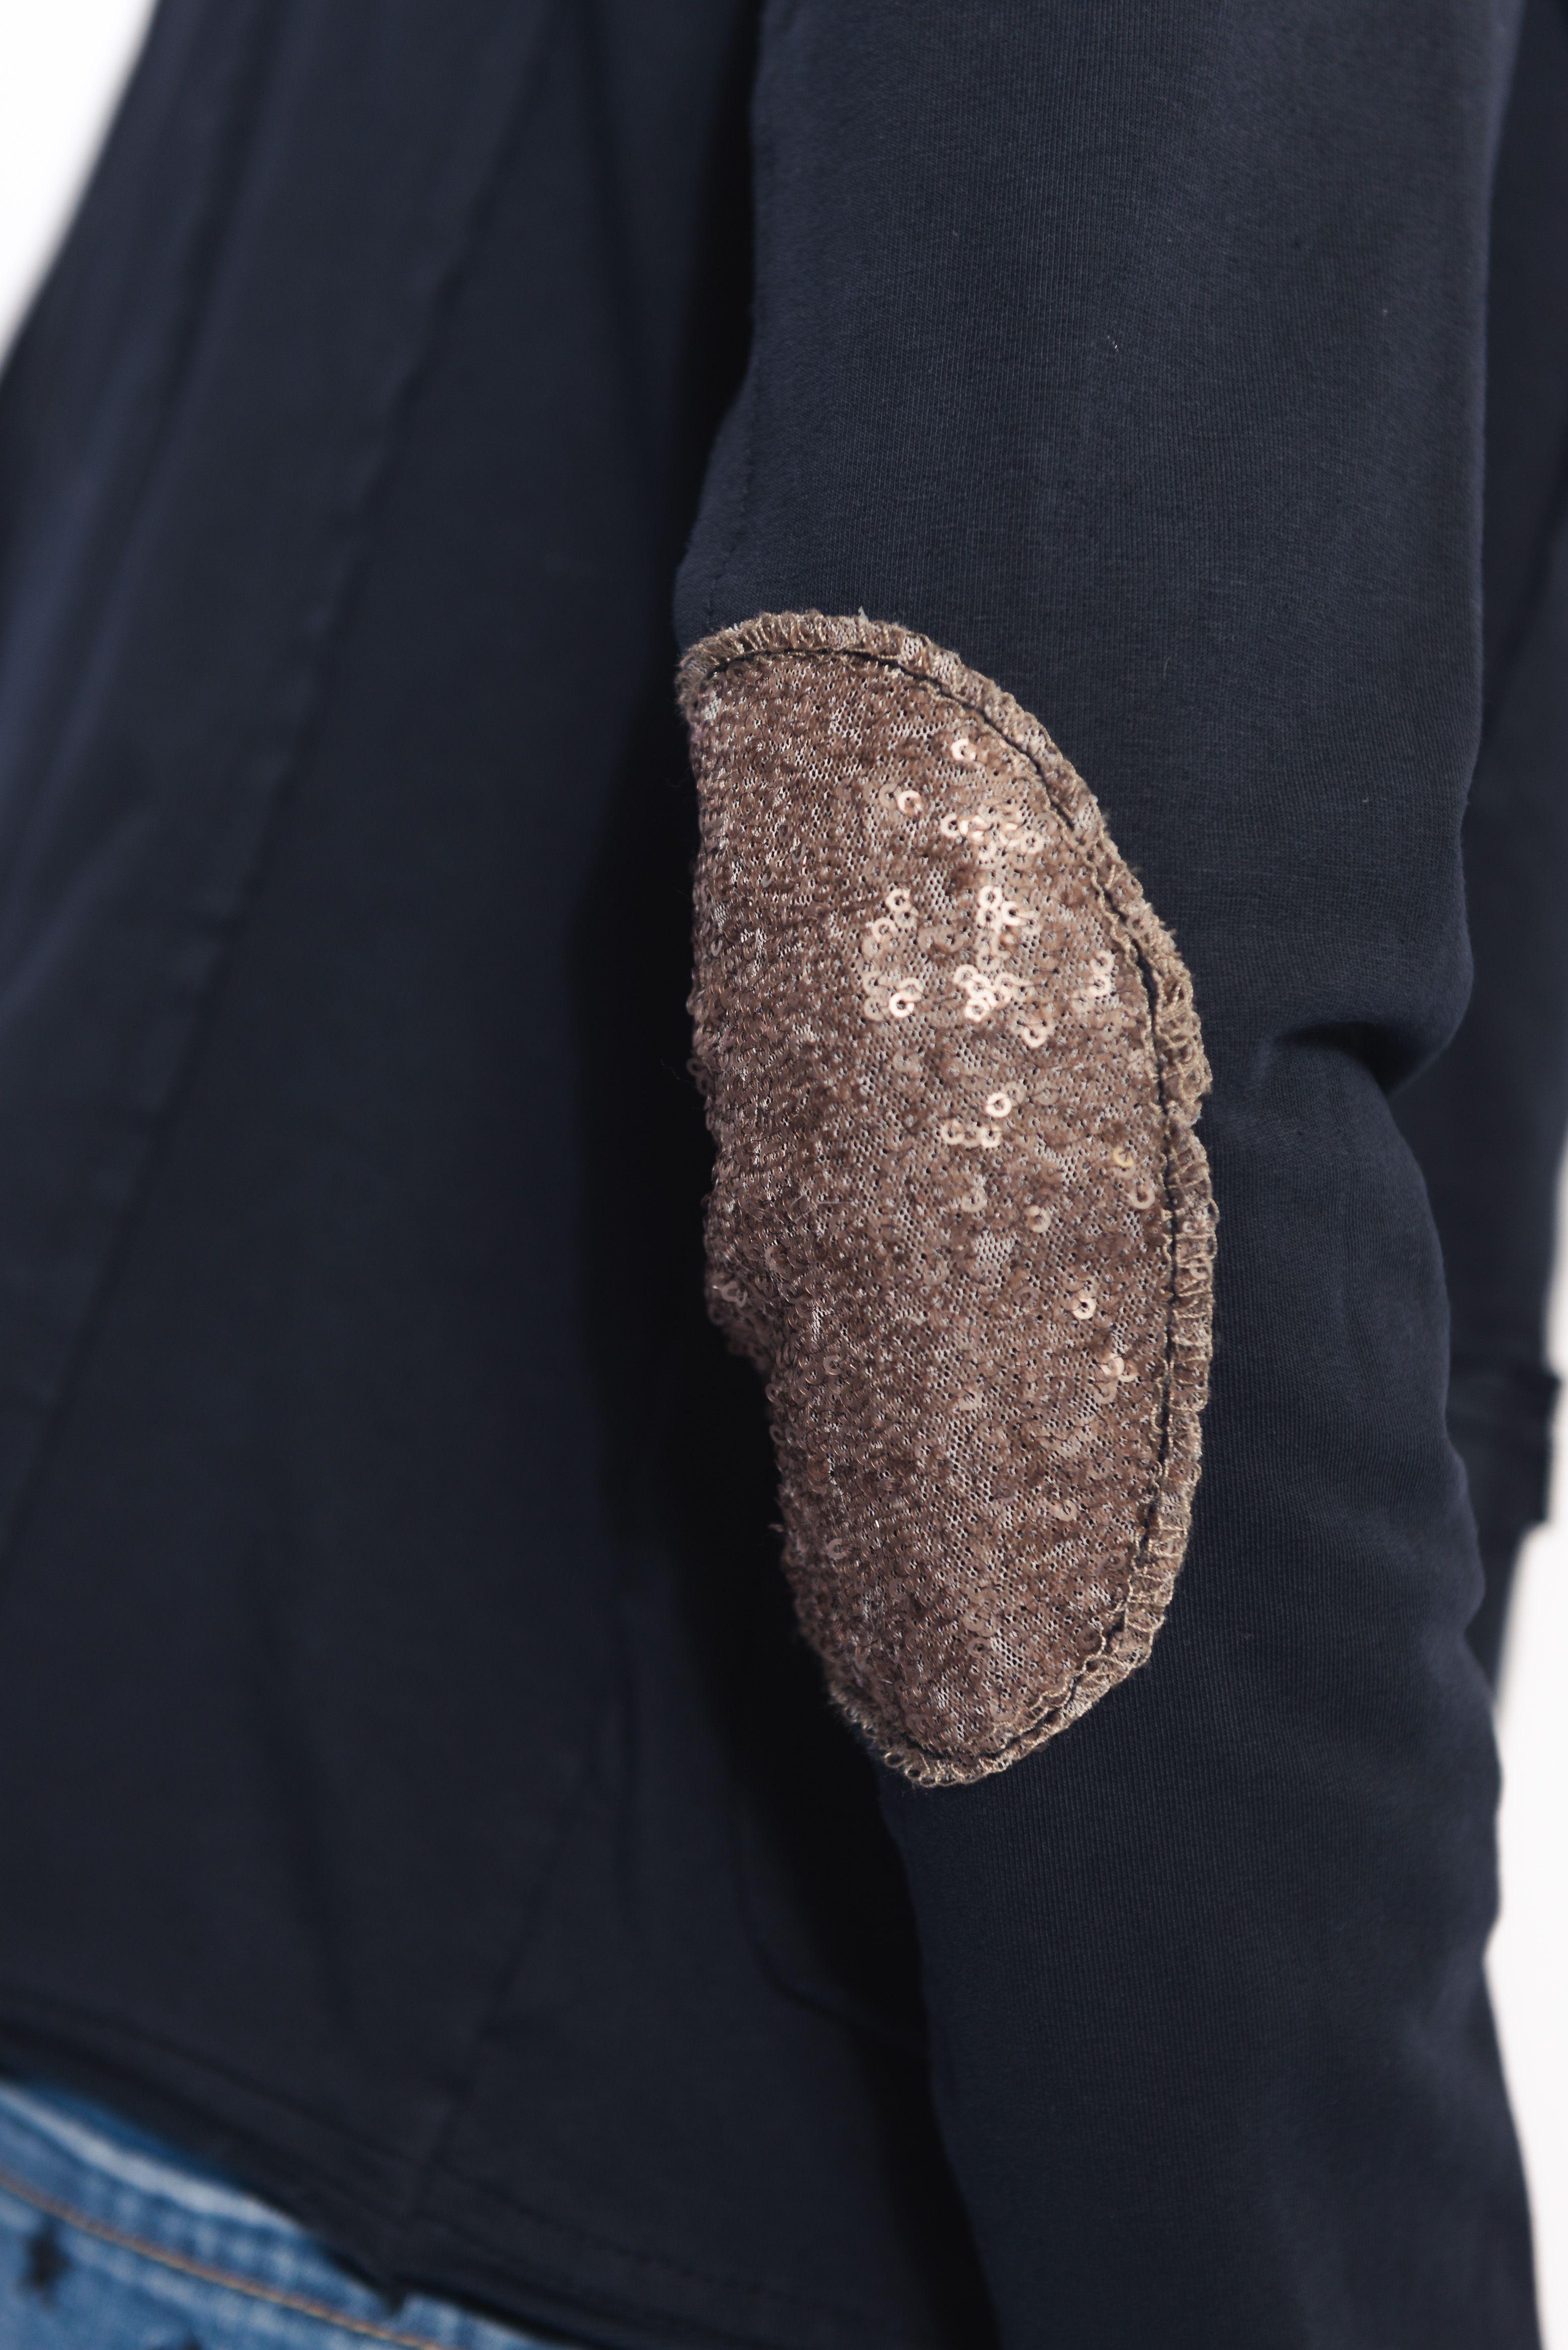 achetez la veste blazer bleu marine femme avec paillettes sur les coudes sur notre site www